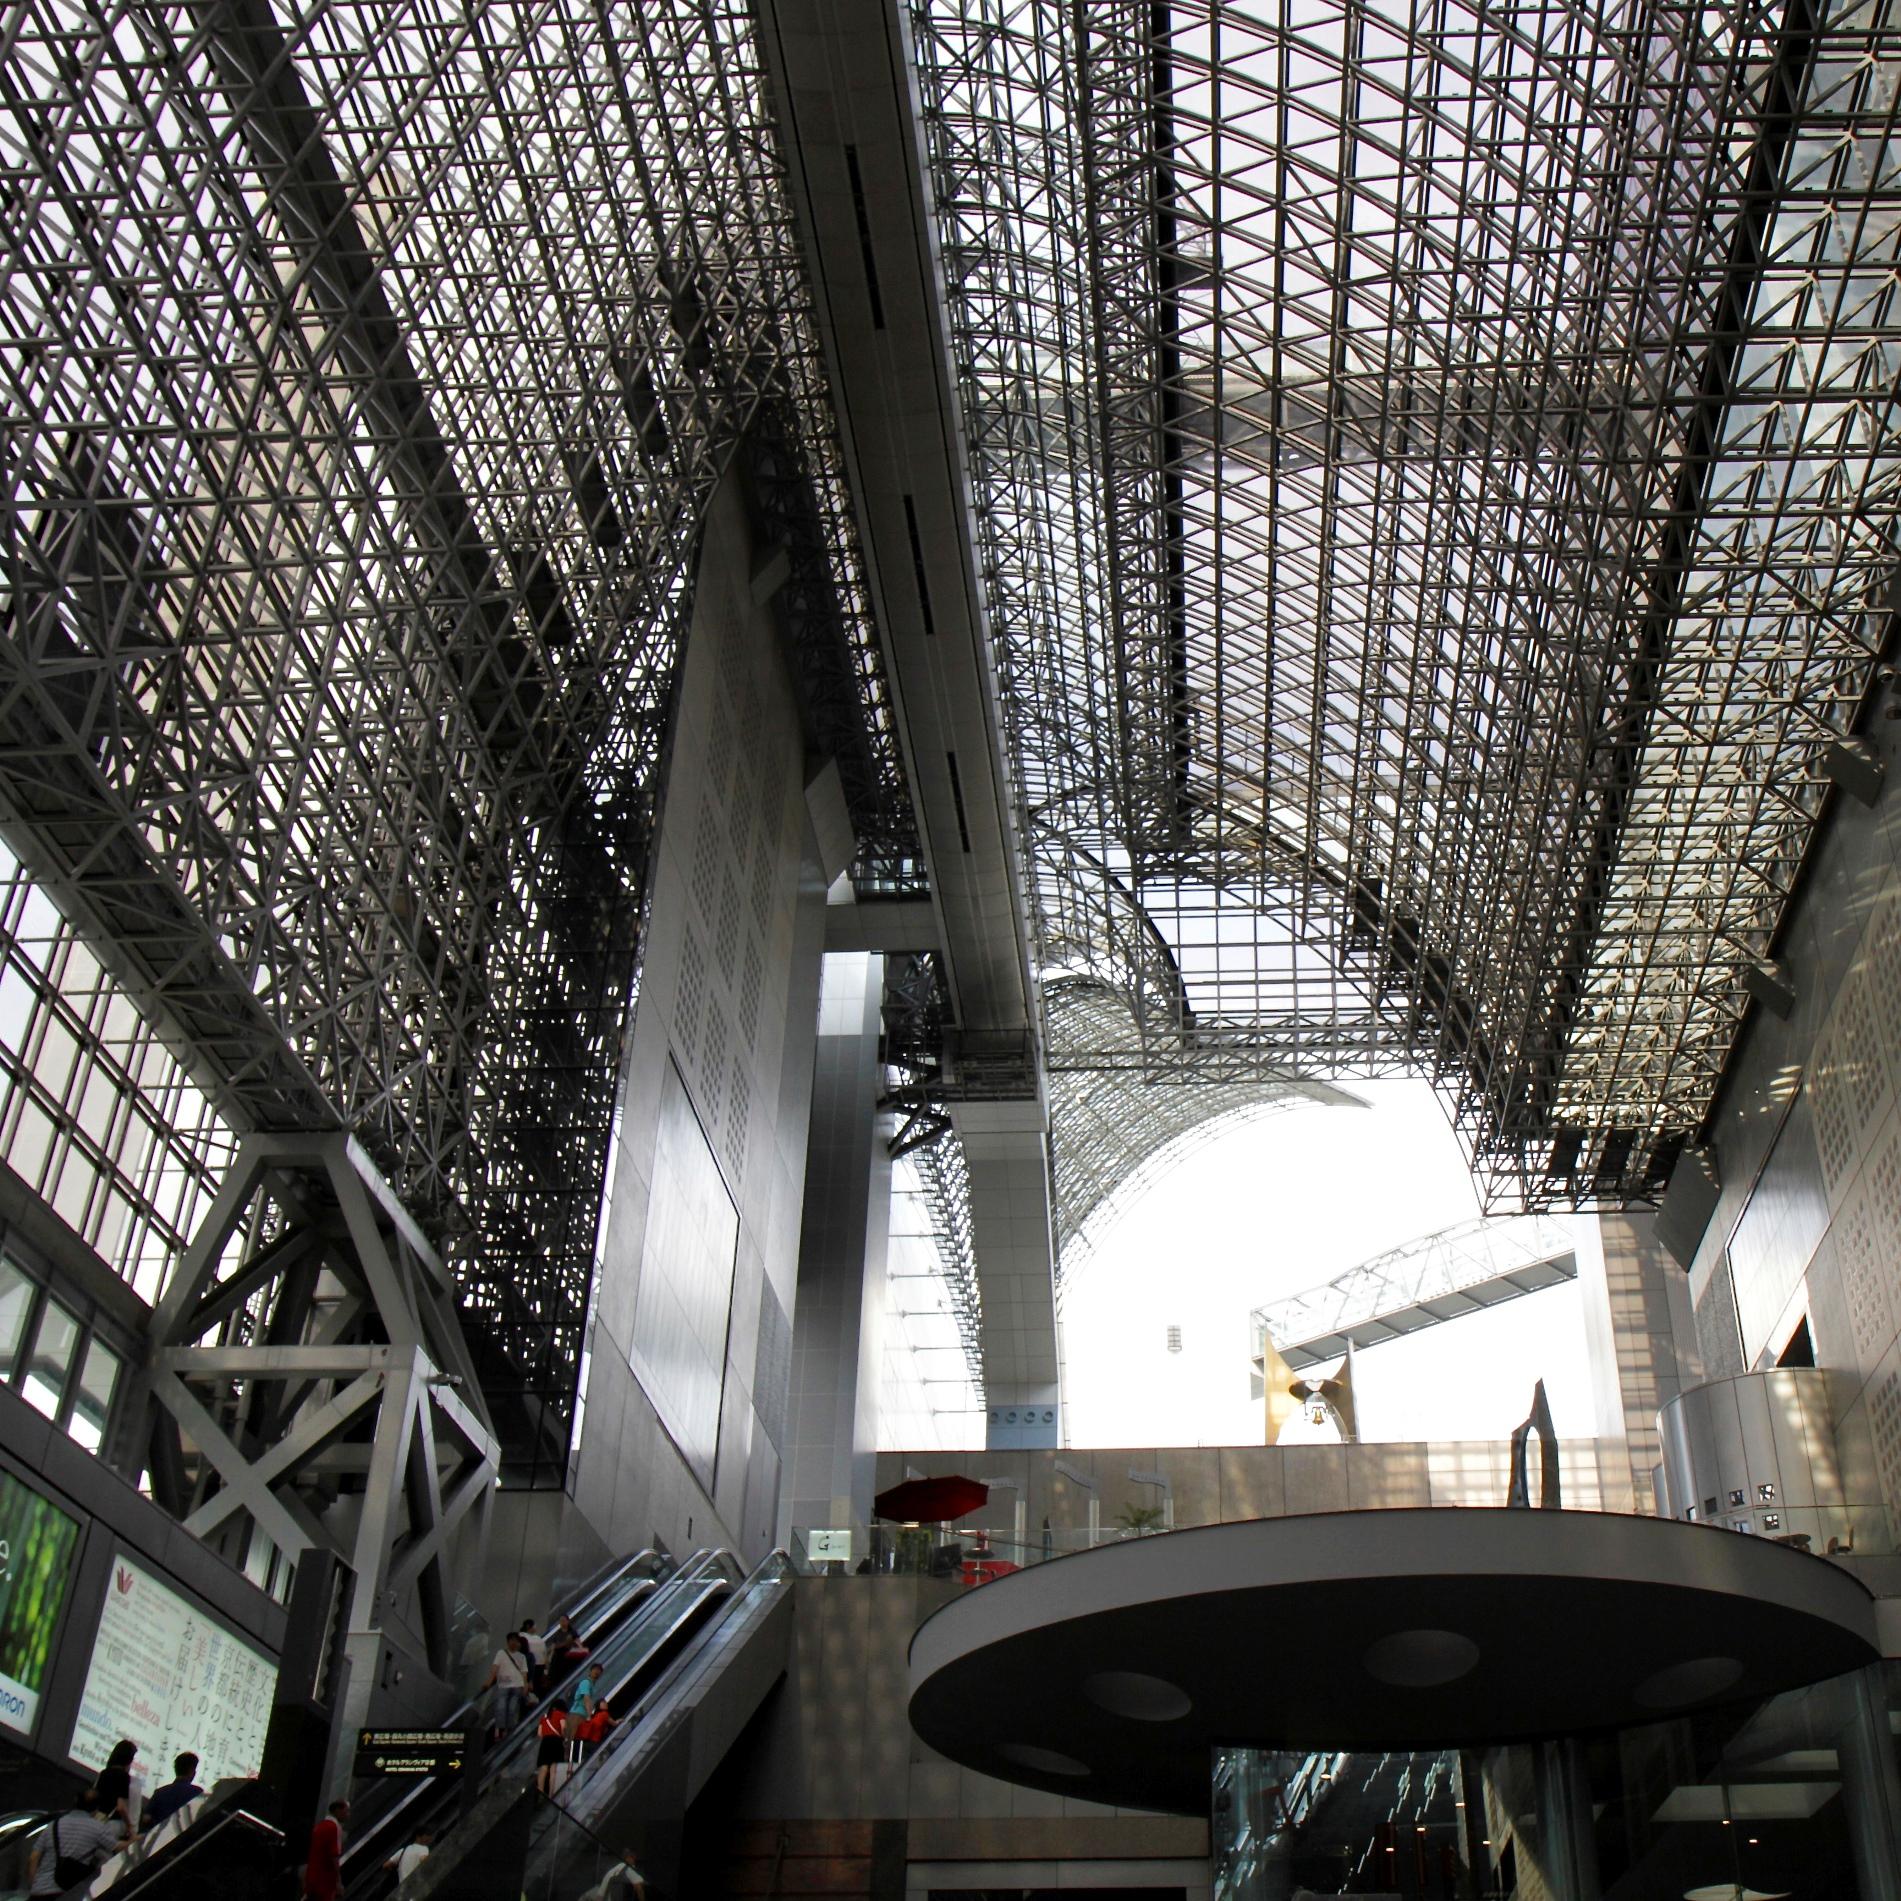 Estación trenes de Kyoto